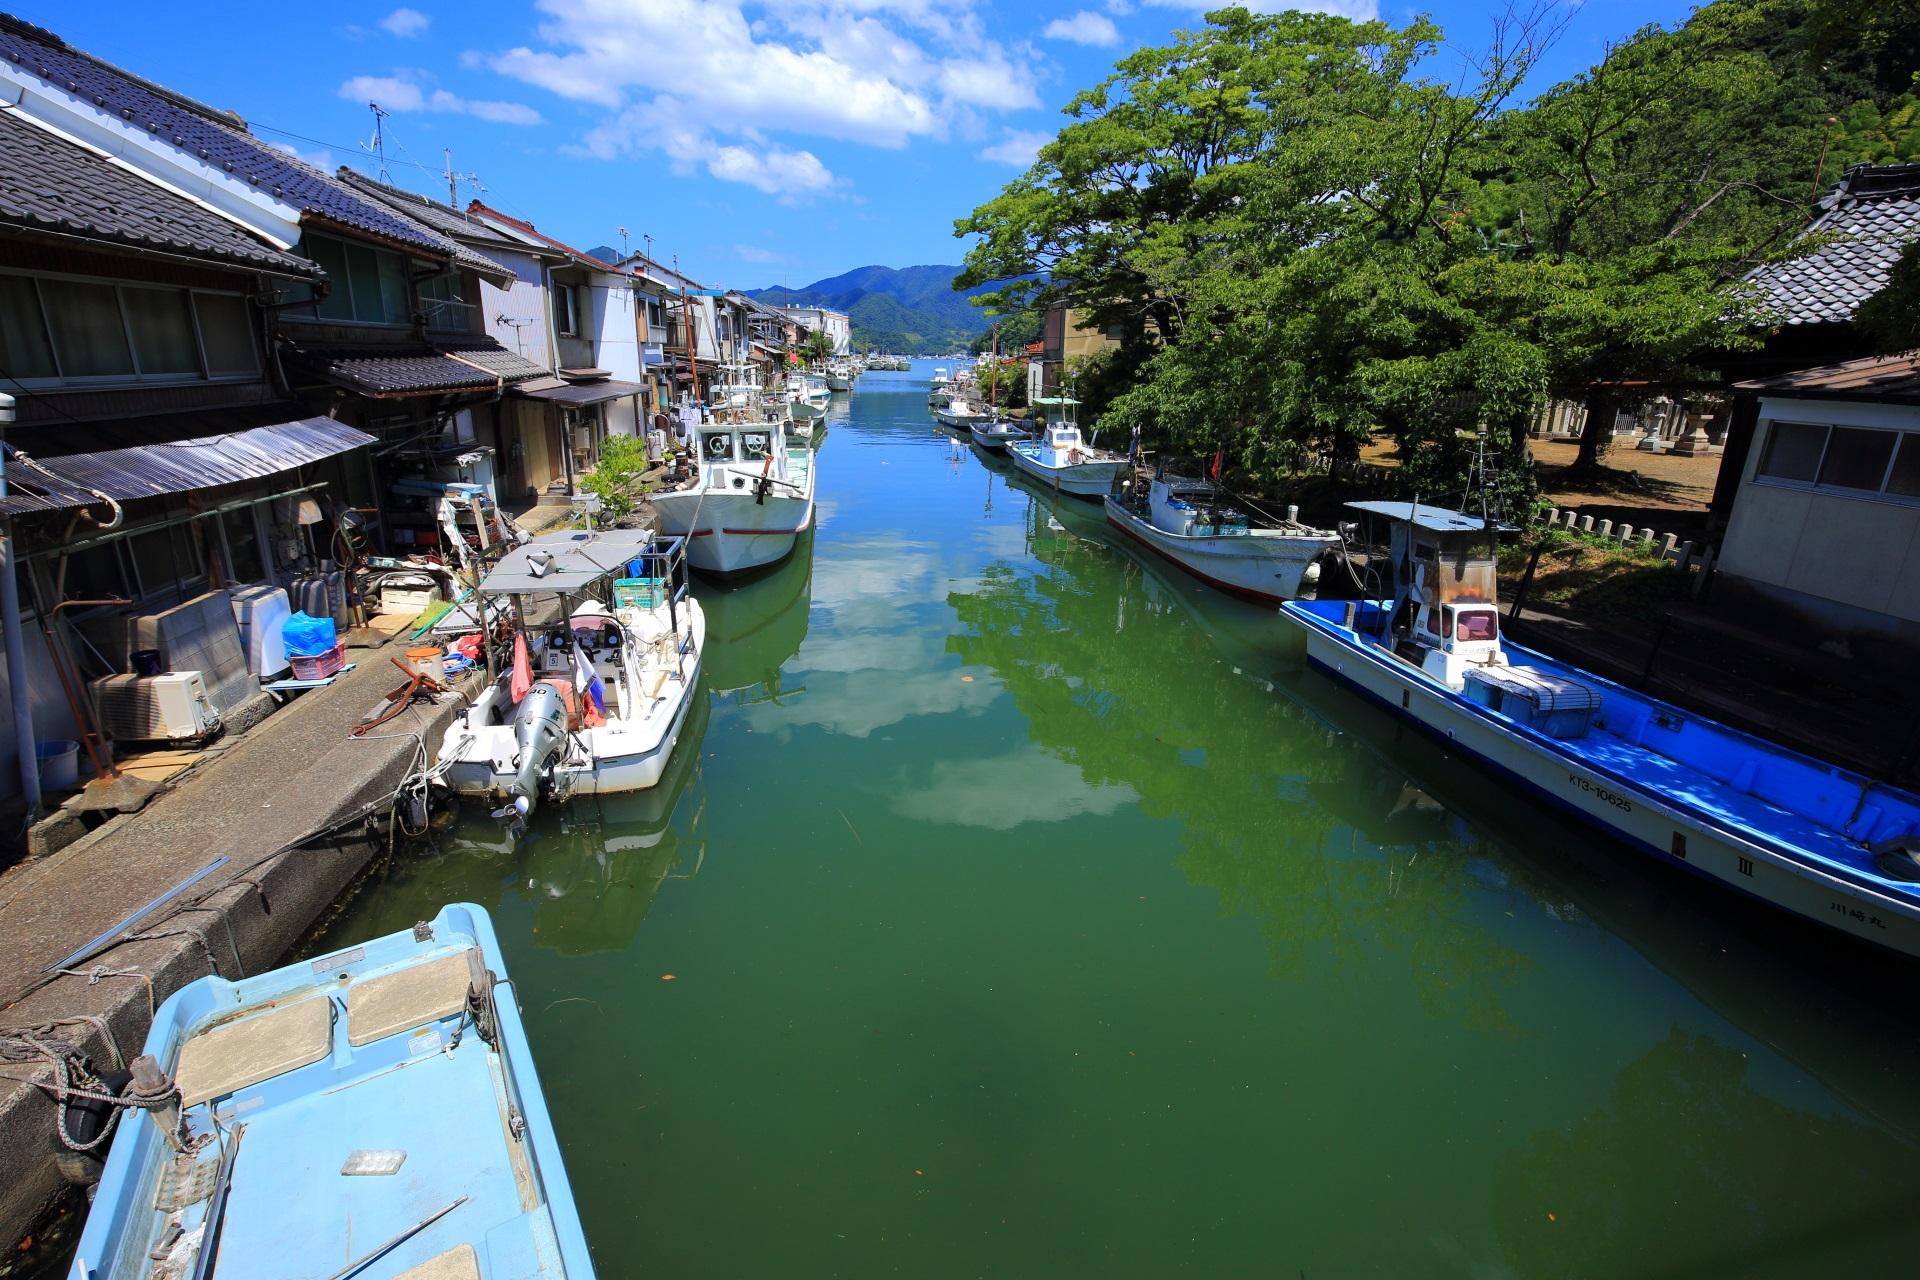 水無月橋から眺めた北方面(上流方面)の漁船が並ぶ吉原入江